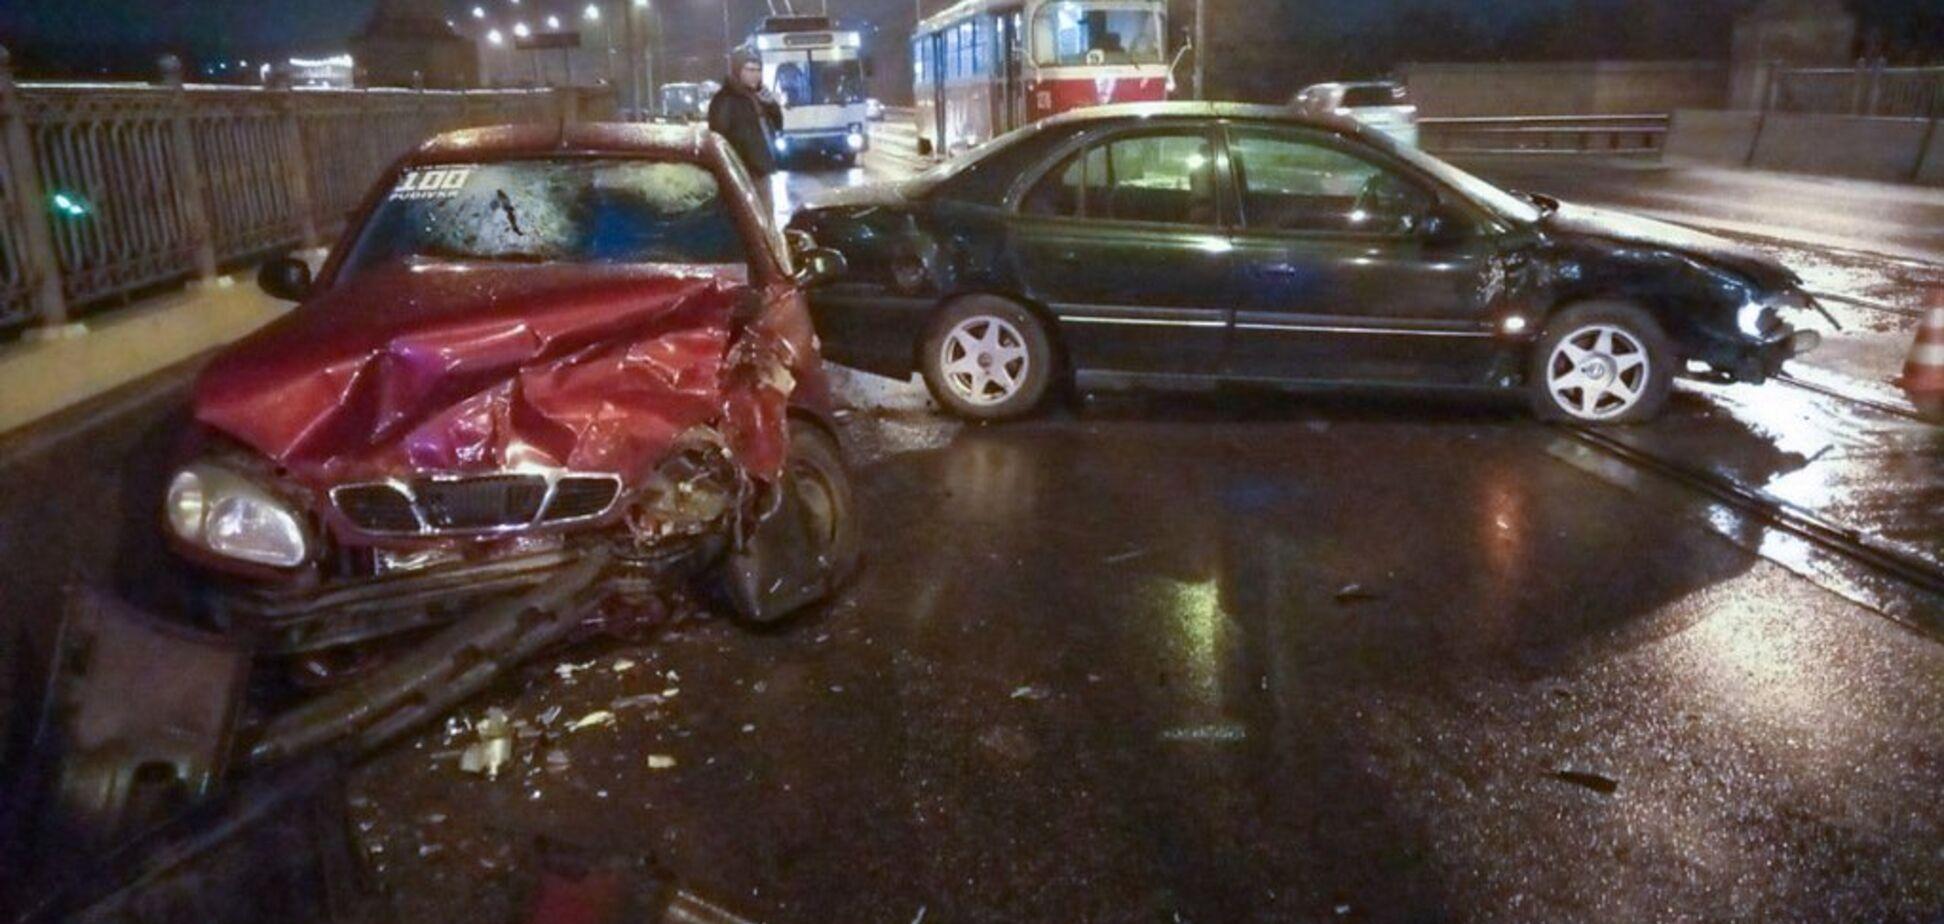 У Дніпрі дві автівки потрапили в жорстку ДТП на мокрій дорозі: є постраждалі, фото